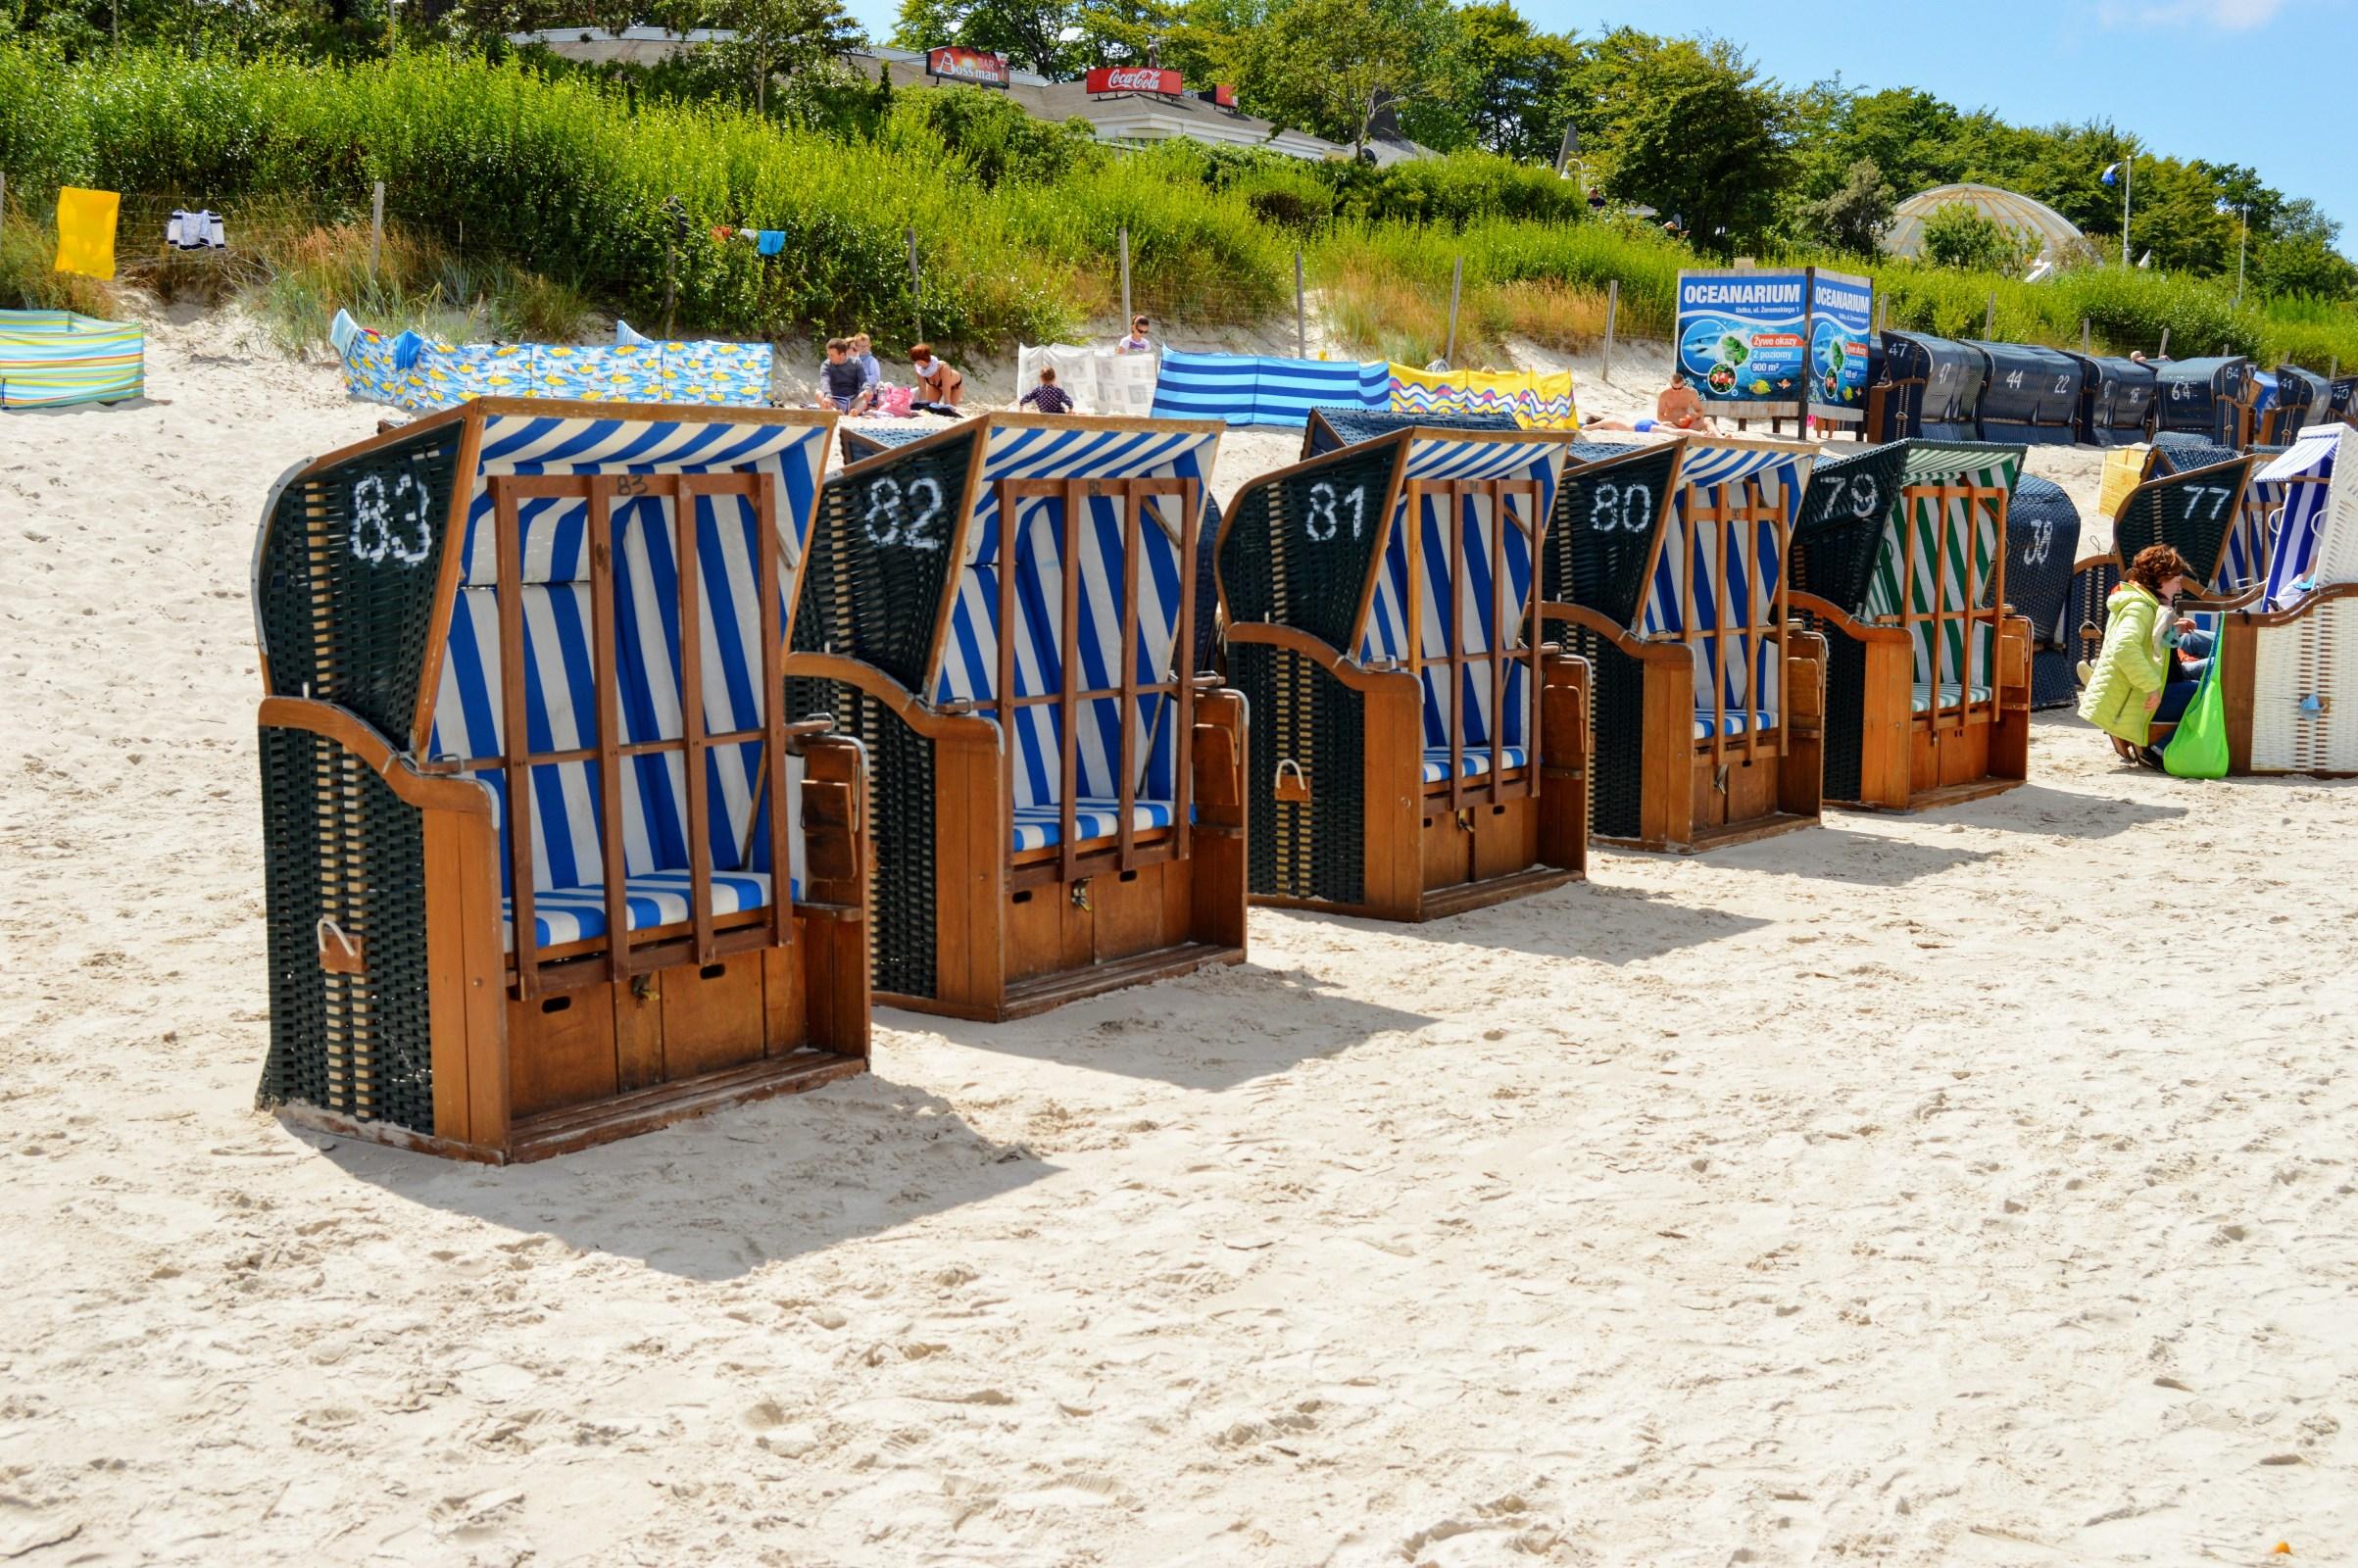 Sun beds - basket on a sandy beach photo